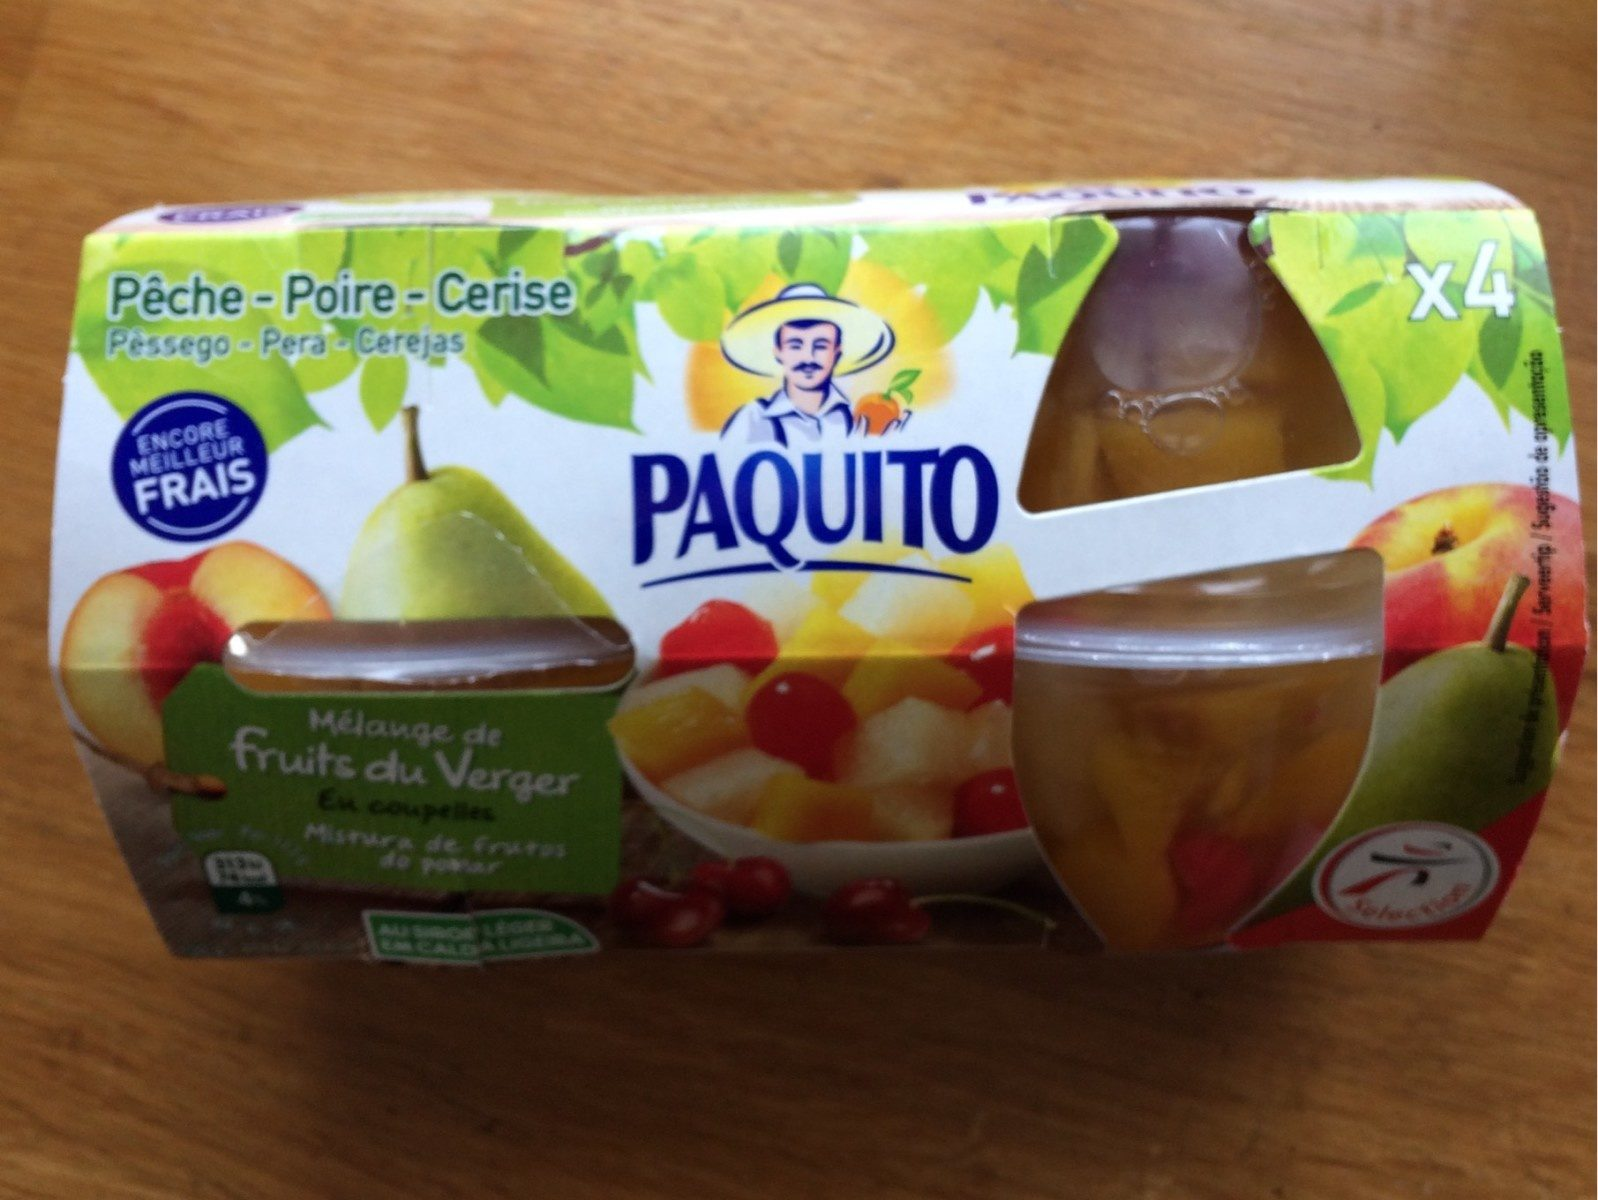 Mélange de fruits du verger - Product - fr